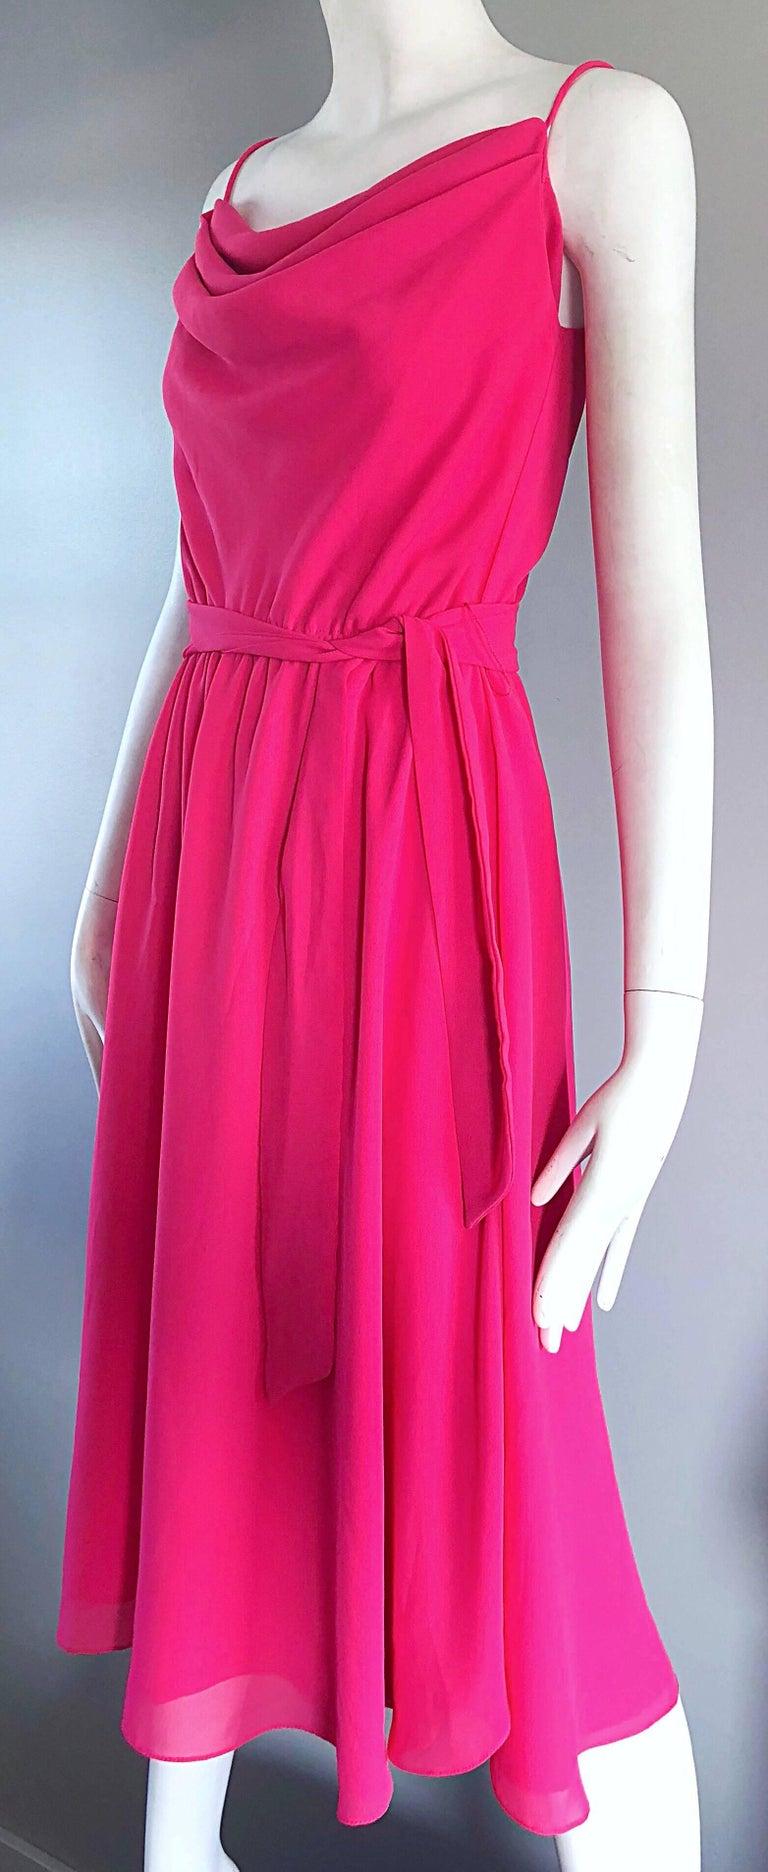 1970s Phillipe Jodur for Ferrali Hot Pink Crepe Sleeveless Belted Disco Dress For Sale 1